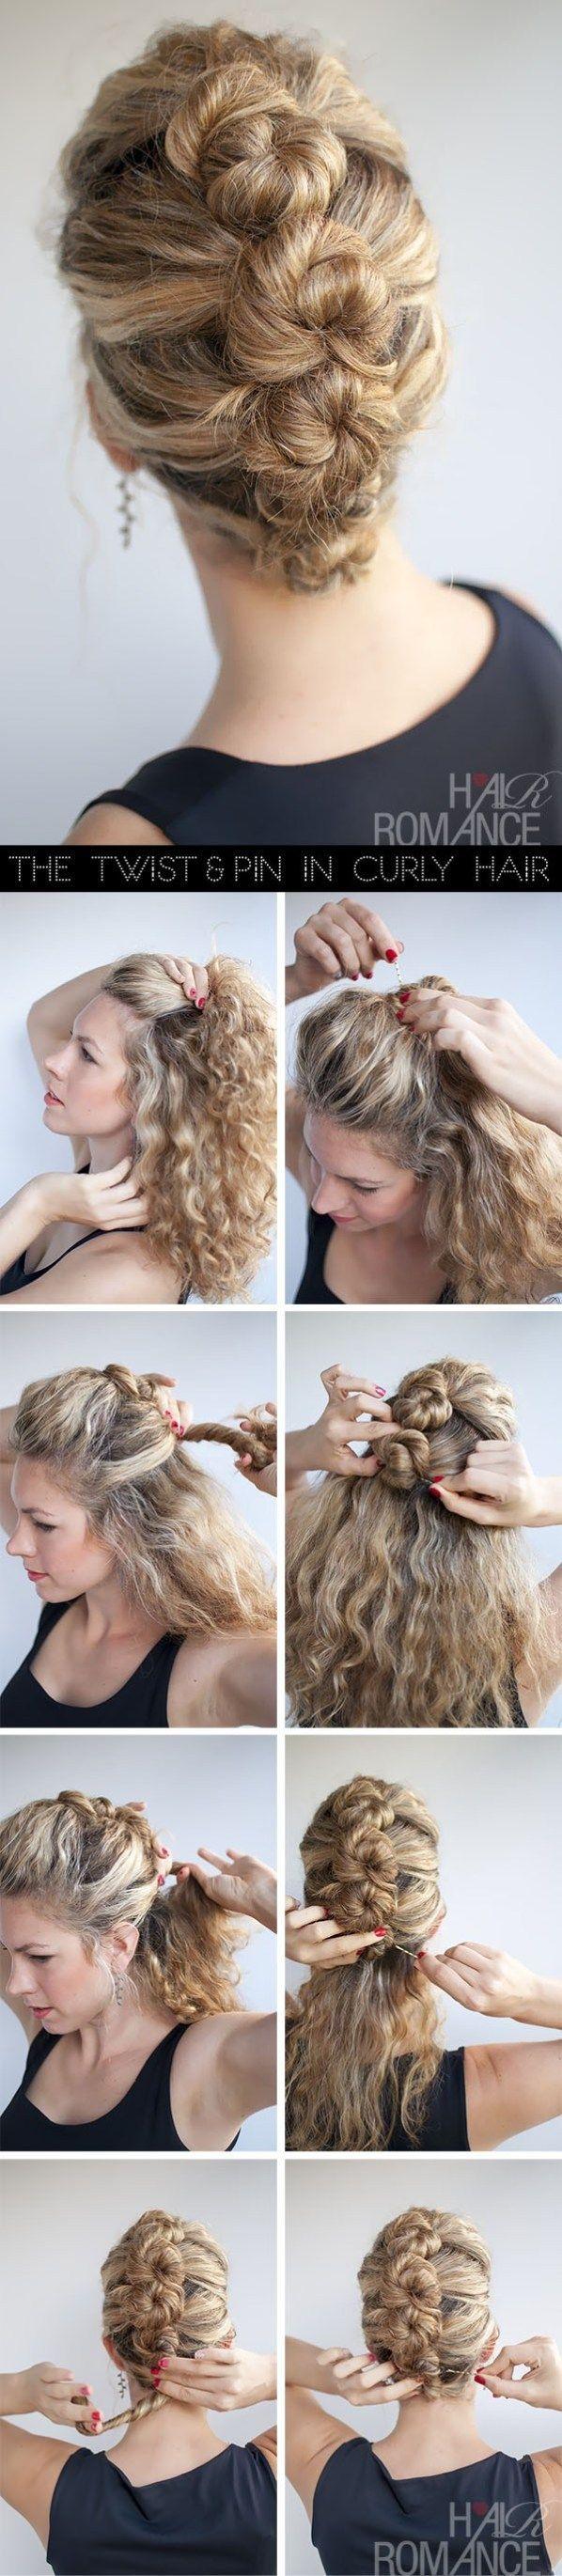 15 einfache Abschlussball-Frisuren für langes Haar, die Sie zu Hause selber machen können,  #...